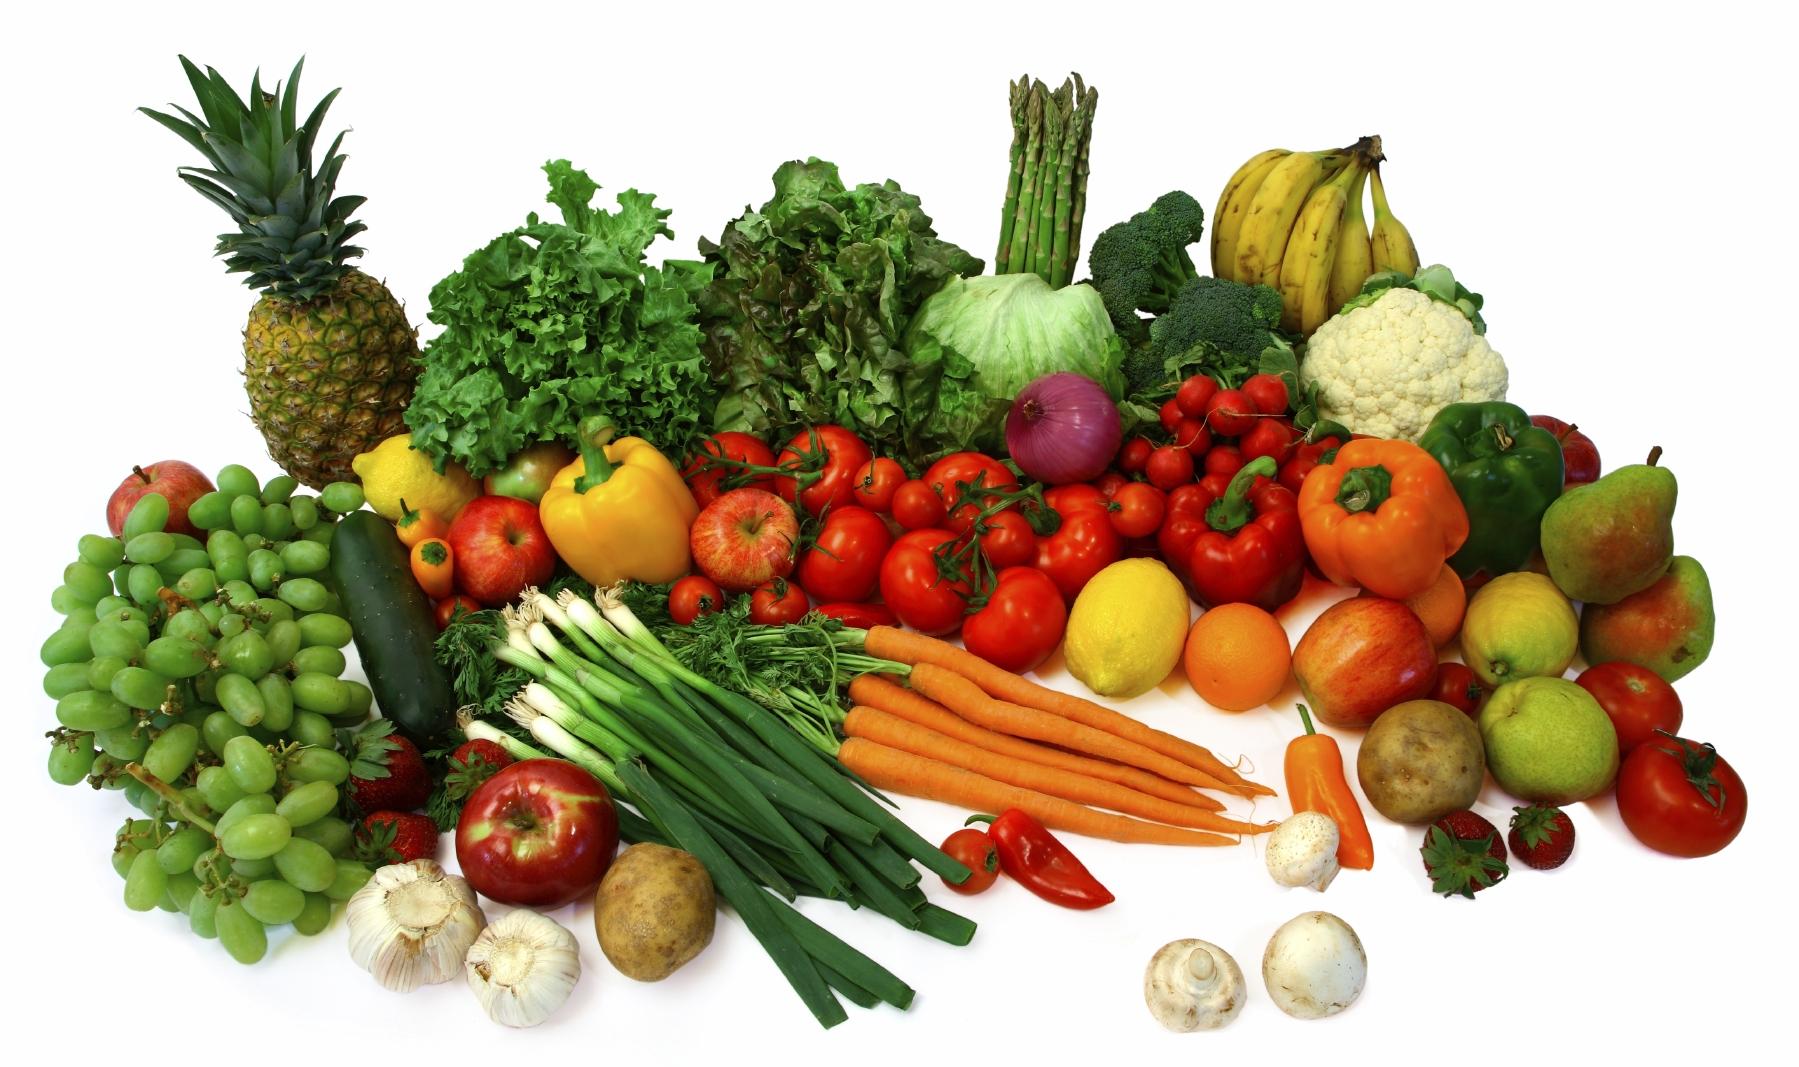 زمان مورد نیاز برای پخت انواع سبزیجات+ تصویر